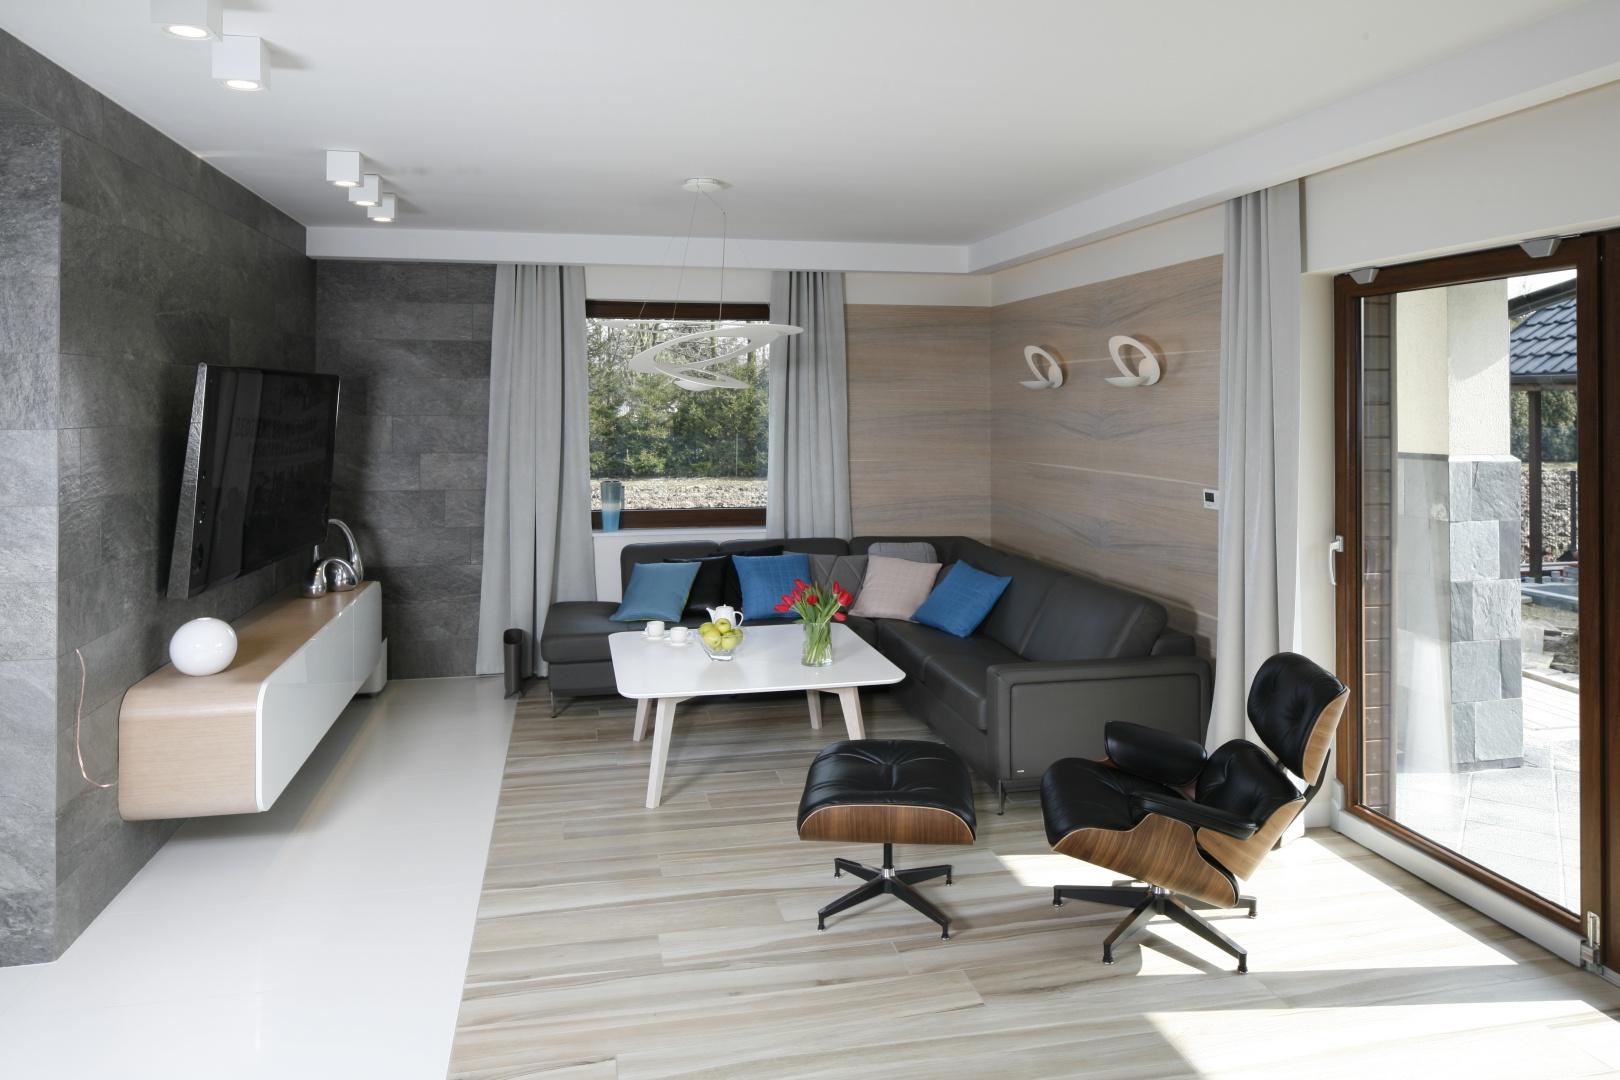 Na przeciw wielkoformatowego telewizora ustawiono narożnik oraz wygodny fotel z podnóżkiem. Projekt: Marta Kilan. Fot. Bartosz Jarosz